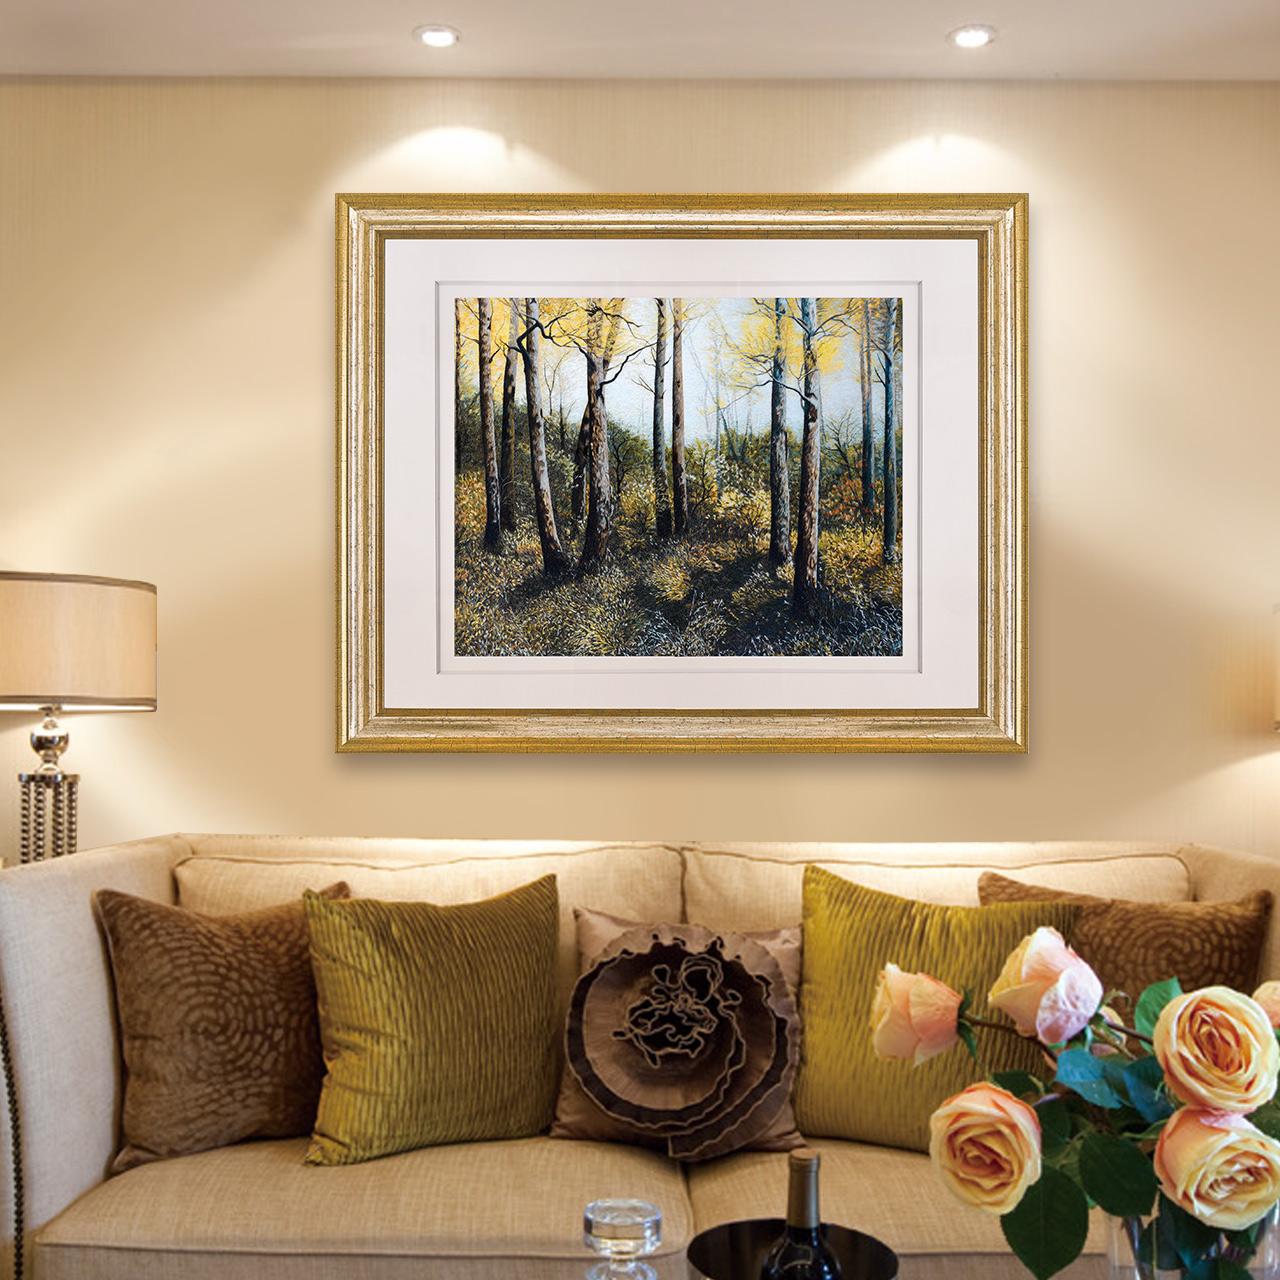 江南绣庄装饰画客厅现代苏绣挂画油画风景白桦林过道装饰壁画欧式